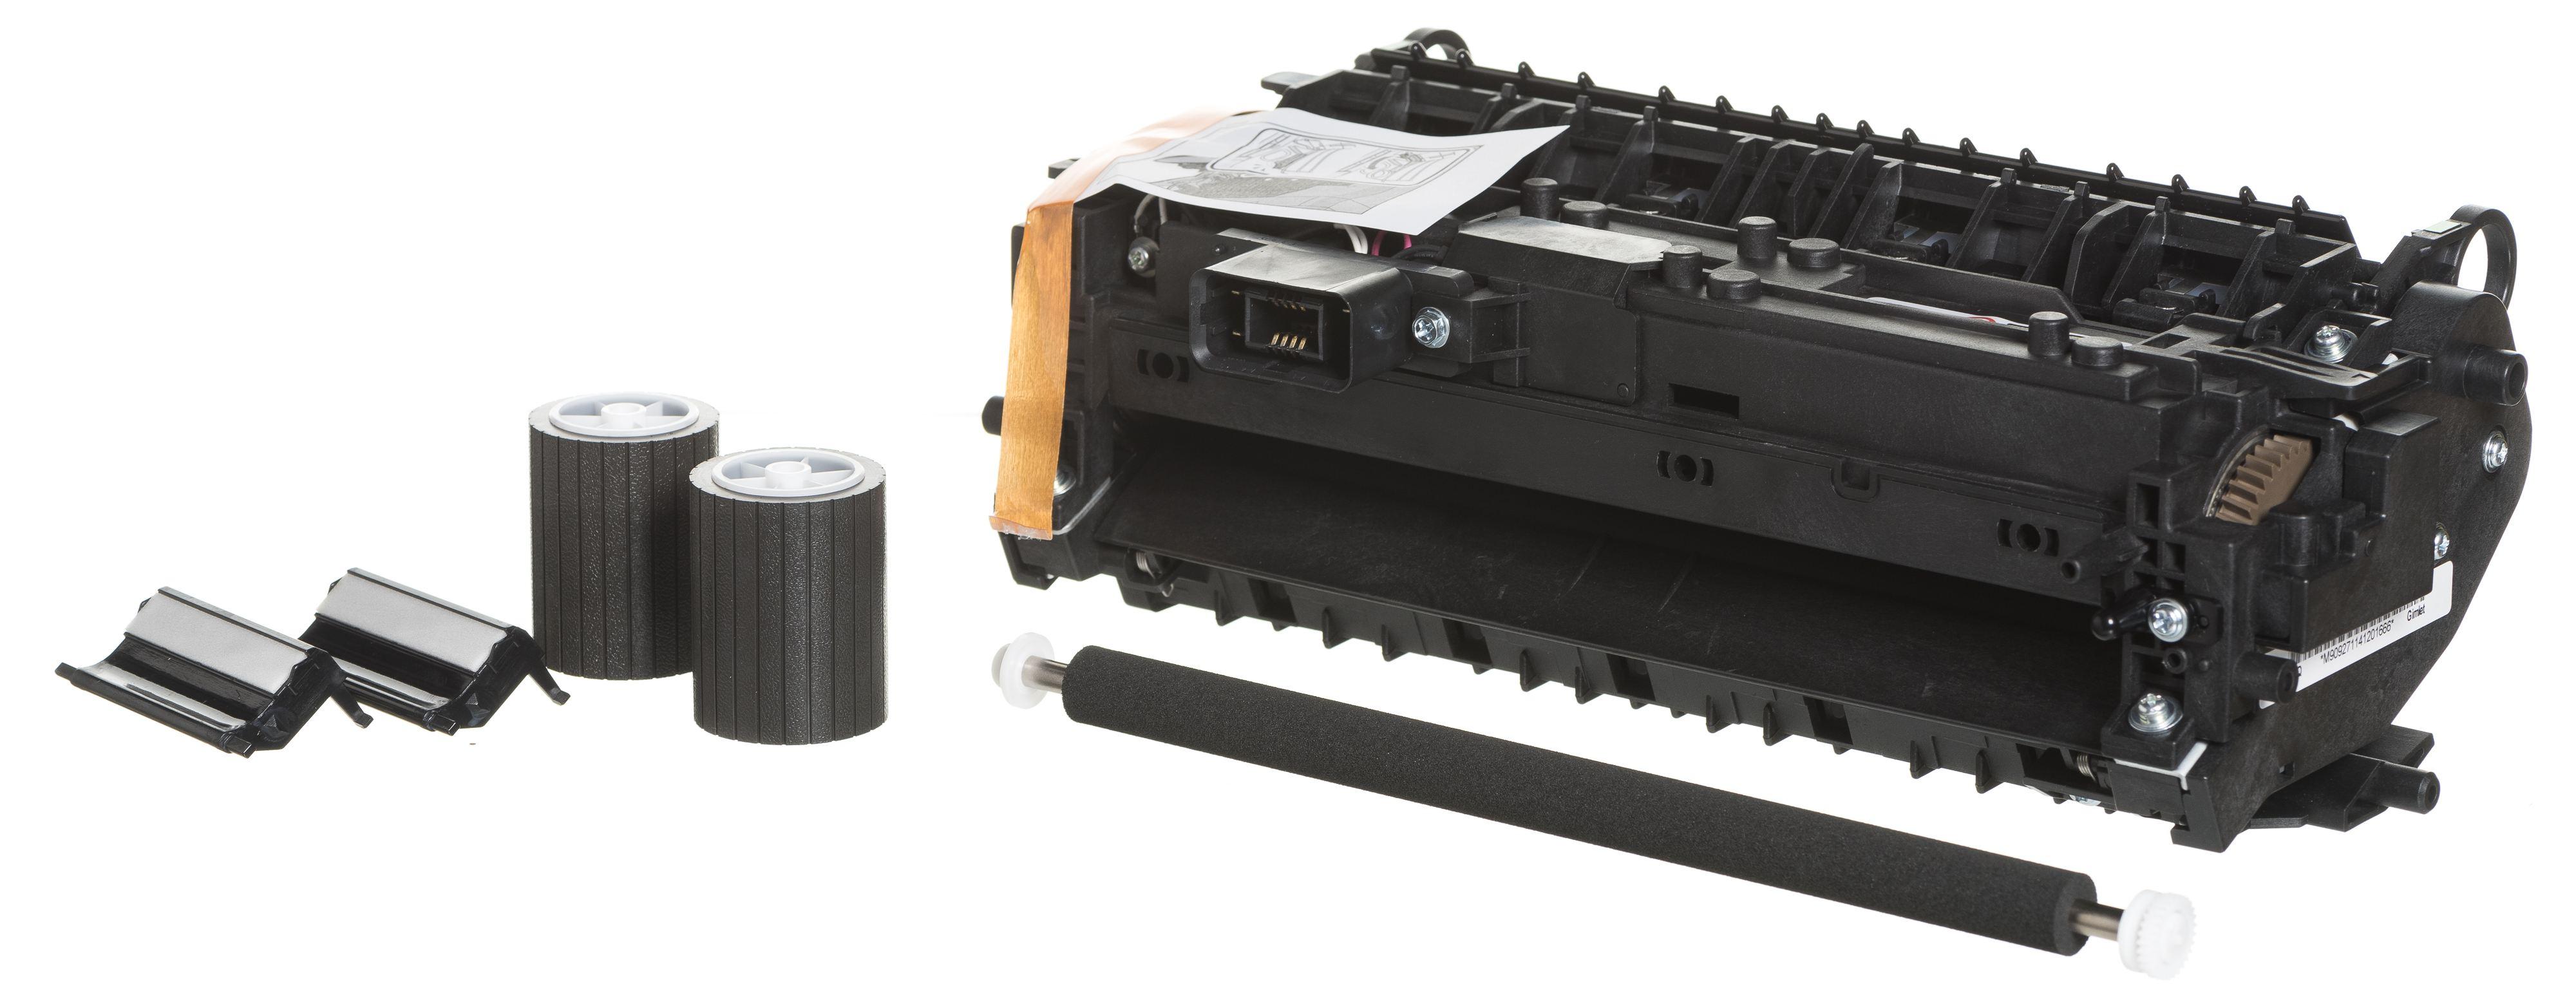 Комплект для технического обслуживания тип Ricoh SP 3600 ( 120000стр) для Ricoh SP3600DN / Ricoh SP3600SF / Ricoh SP3610SF / Ricoh SP400DN